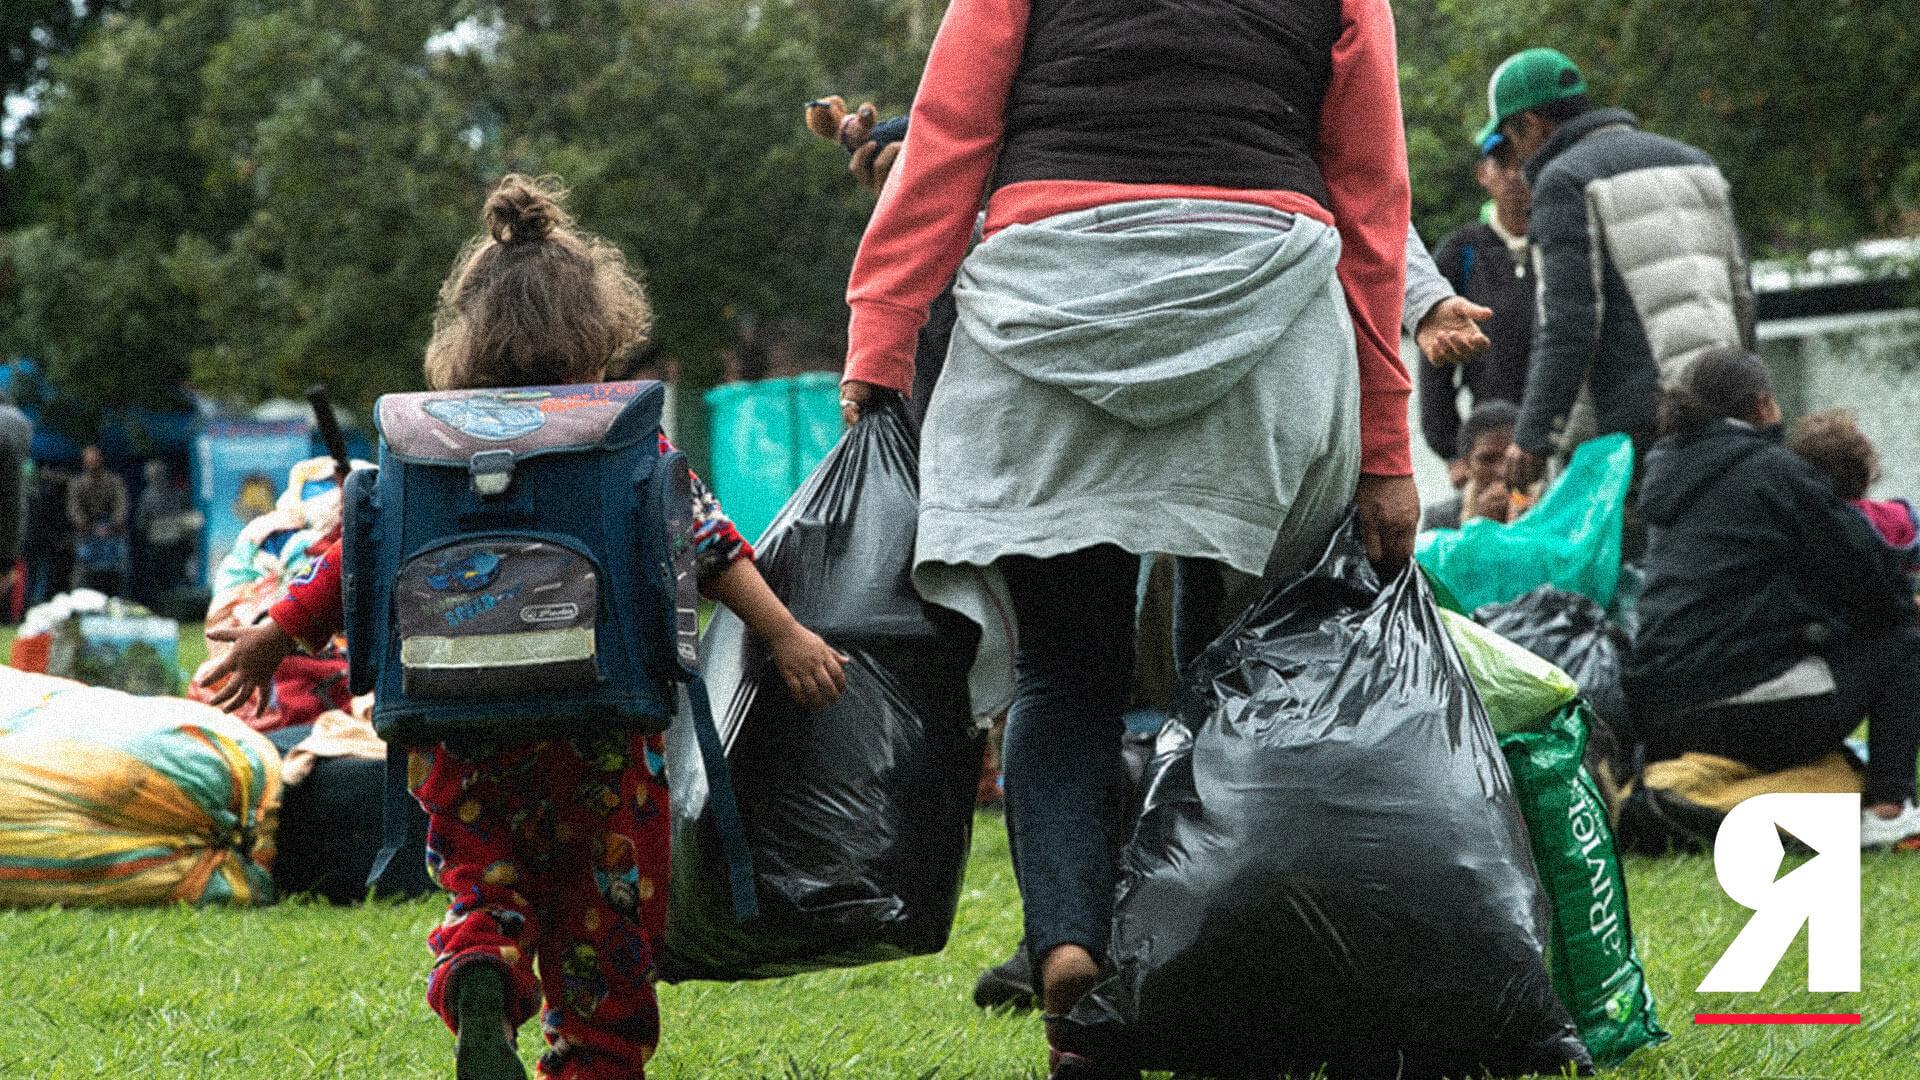 CRÓNICA | Reubicación de venezolanos en Bogotá: la historia detrás de los disturbios